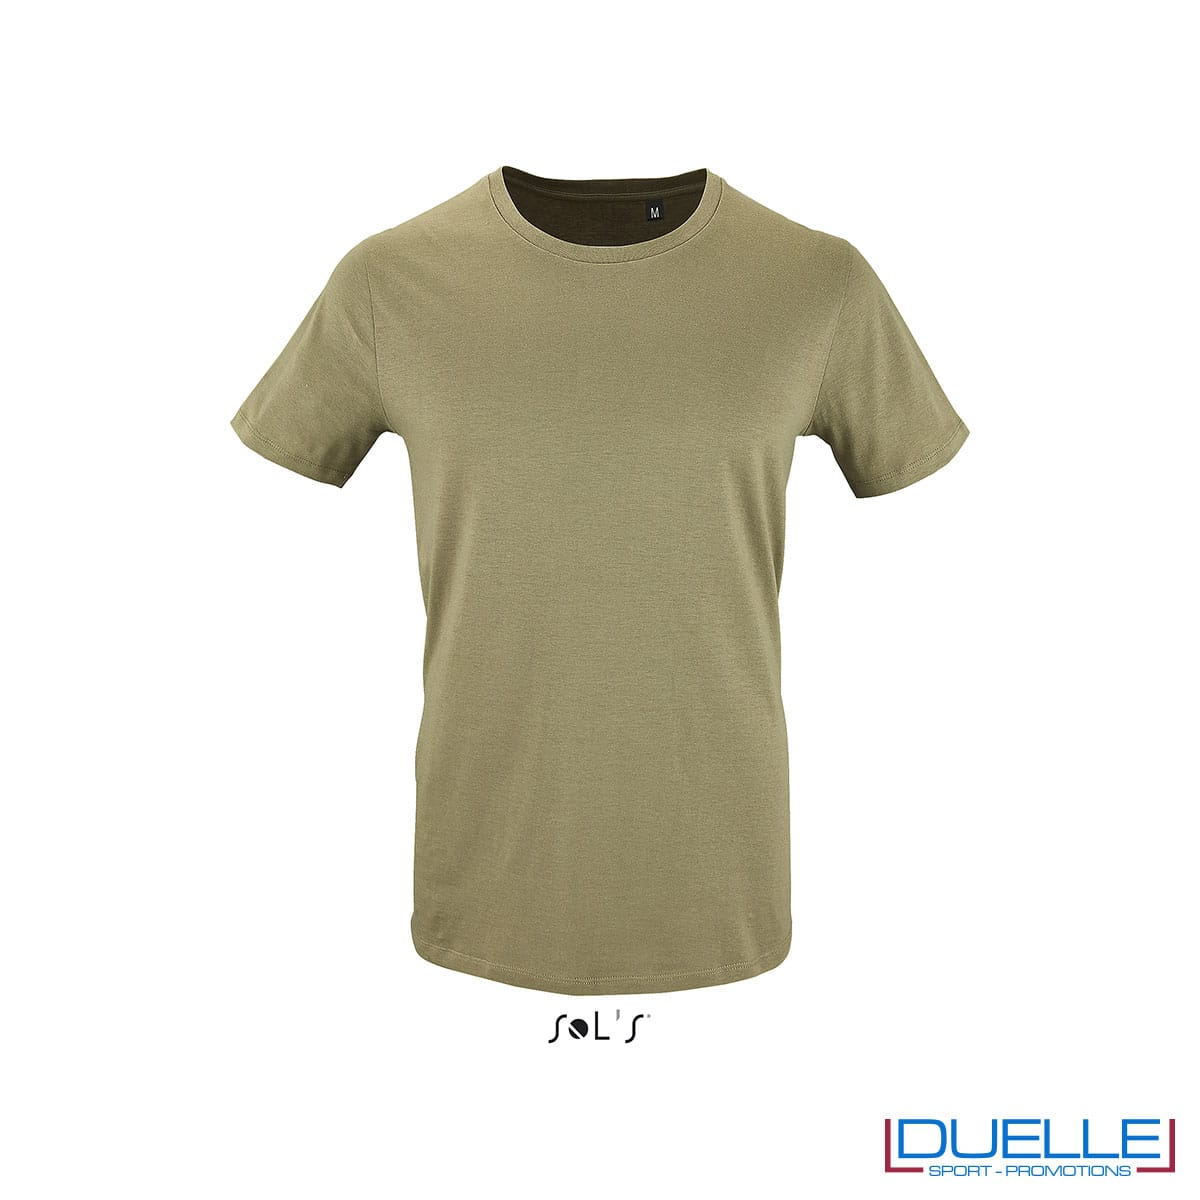 T-shirt 100% cotone biologico colore kaki personalizzata con il tuo logo